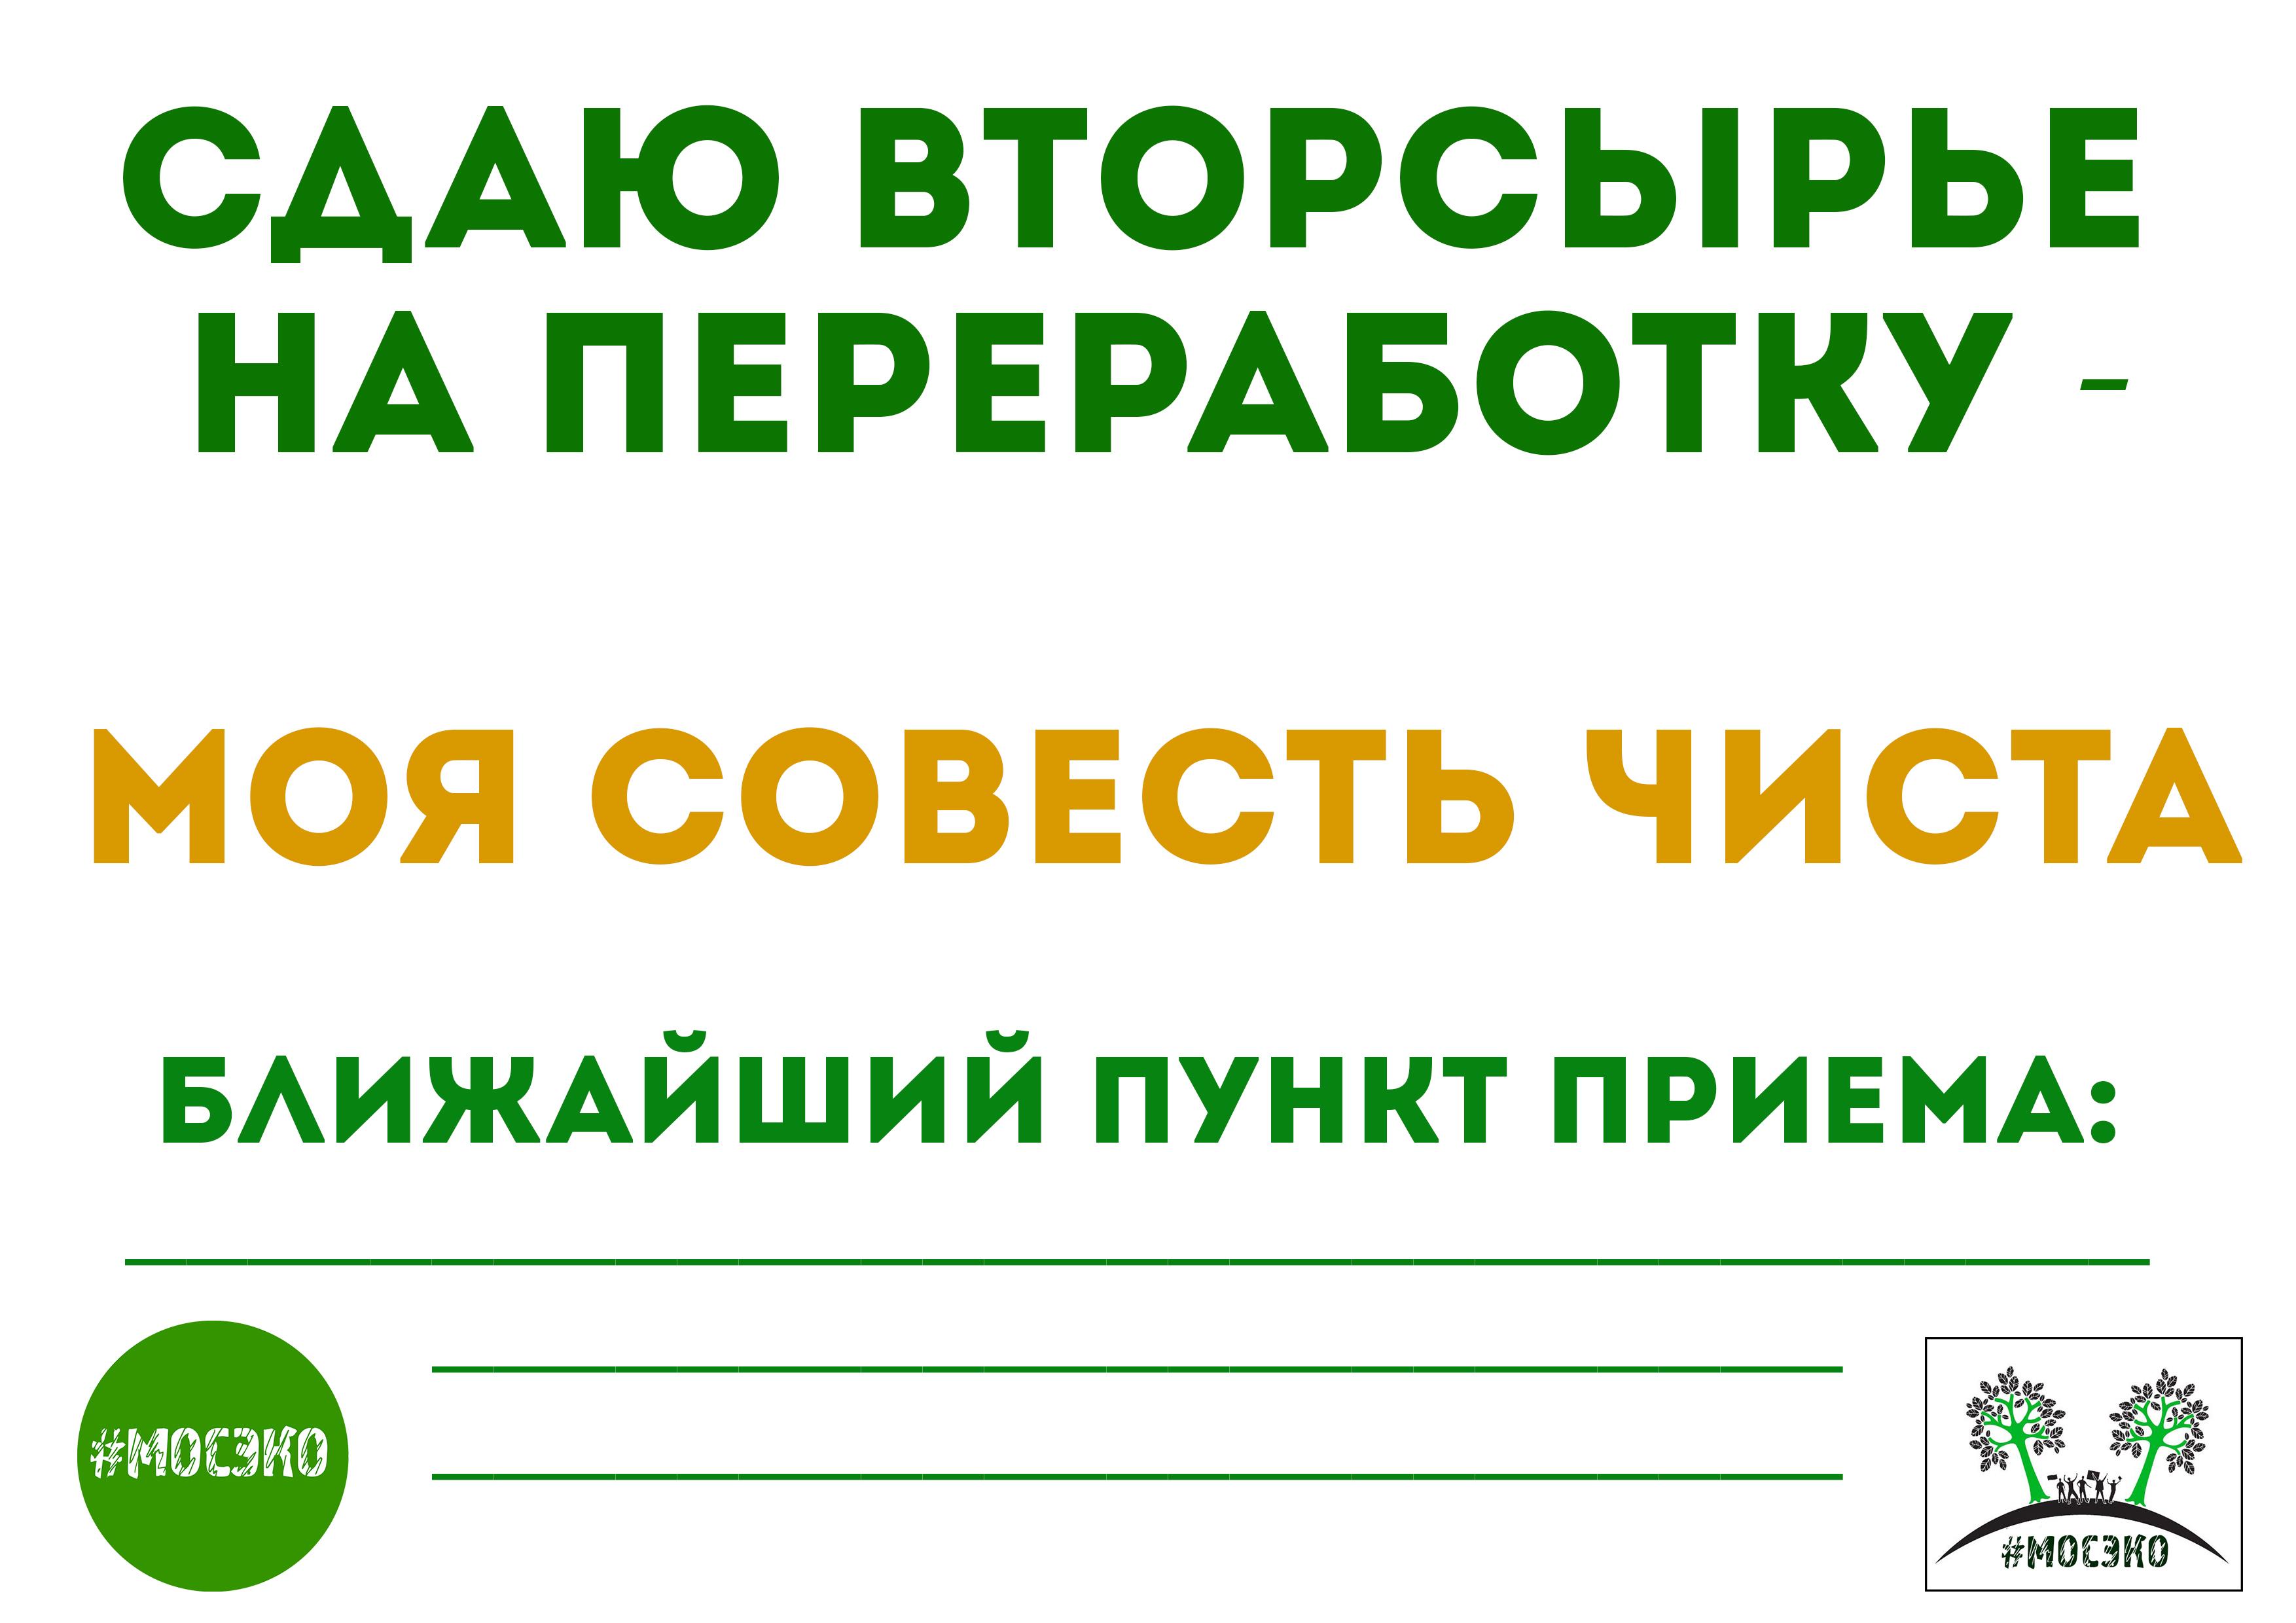 Slogans1_full